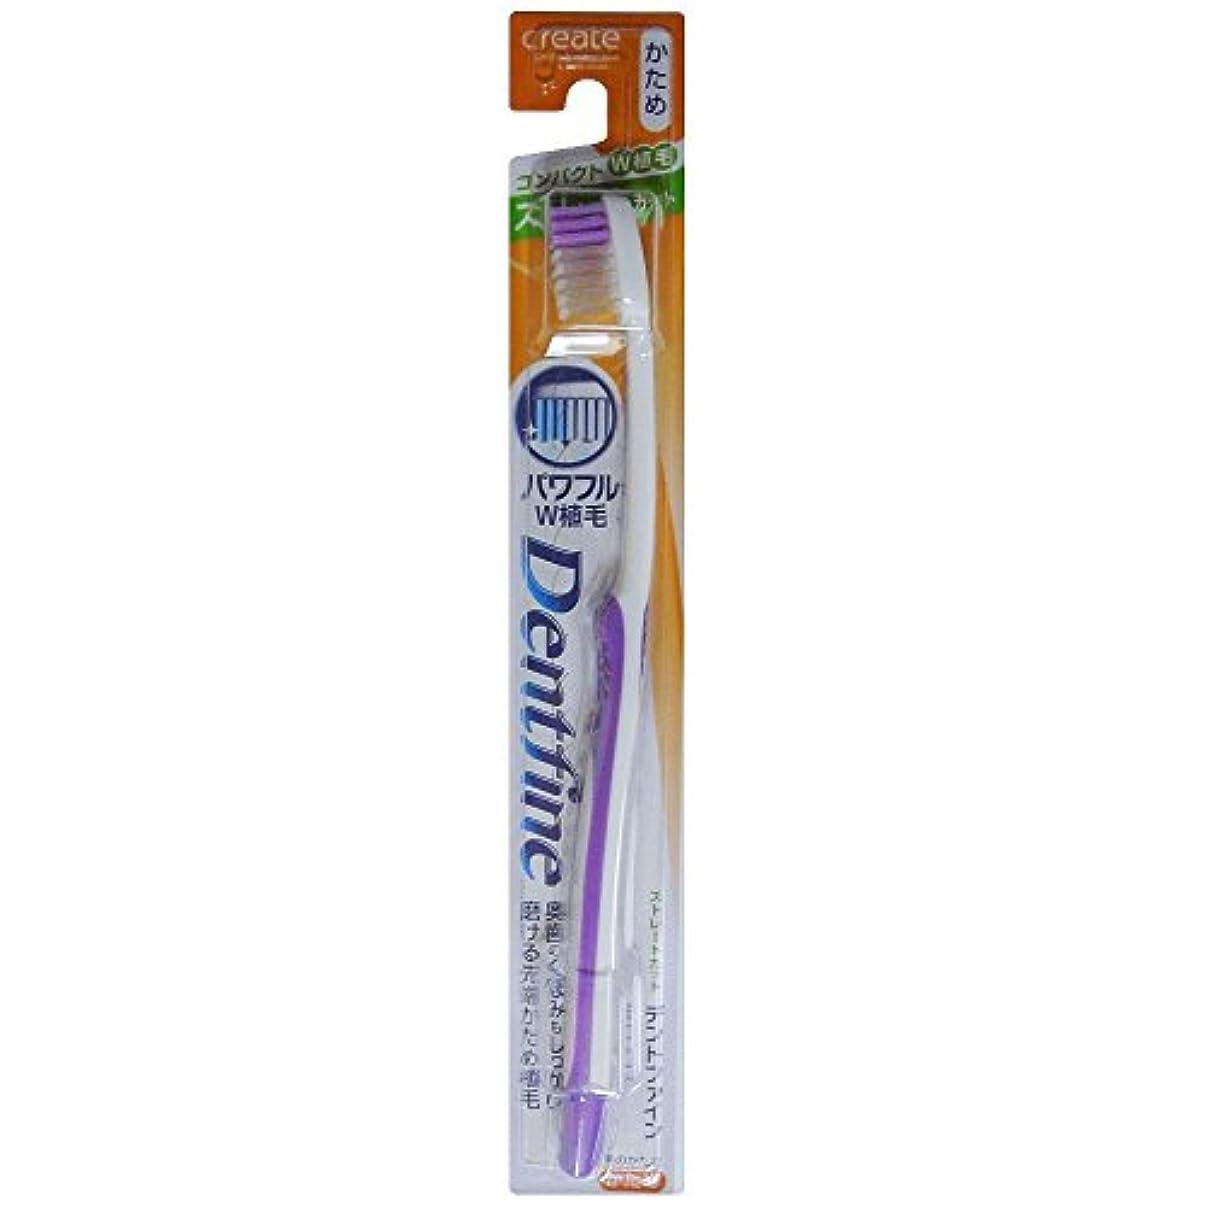 スイス人変える上陸デントファイン ラバーグリップ ストレートカット 歯ブラシ かため 1本:パープル